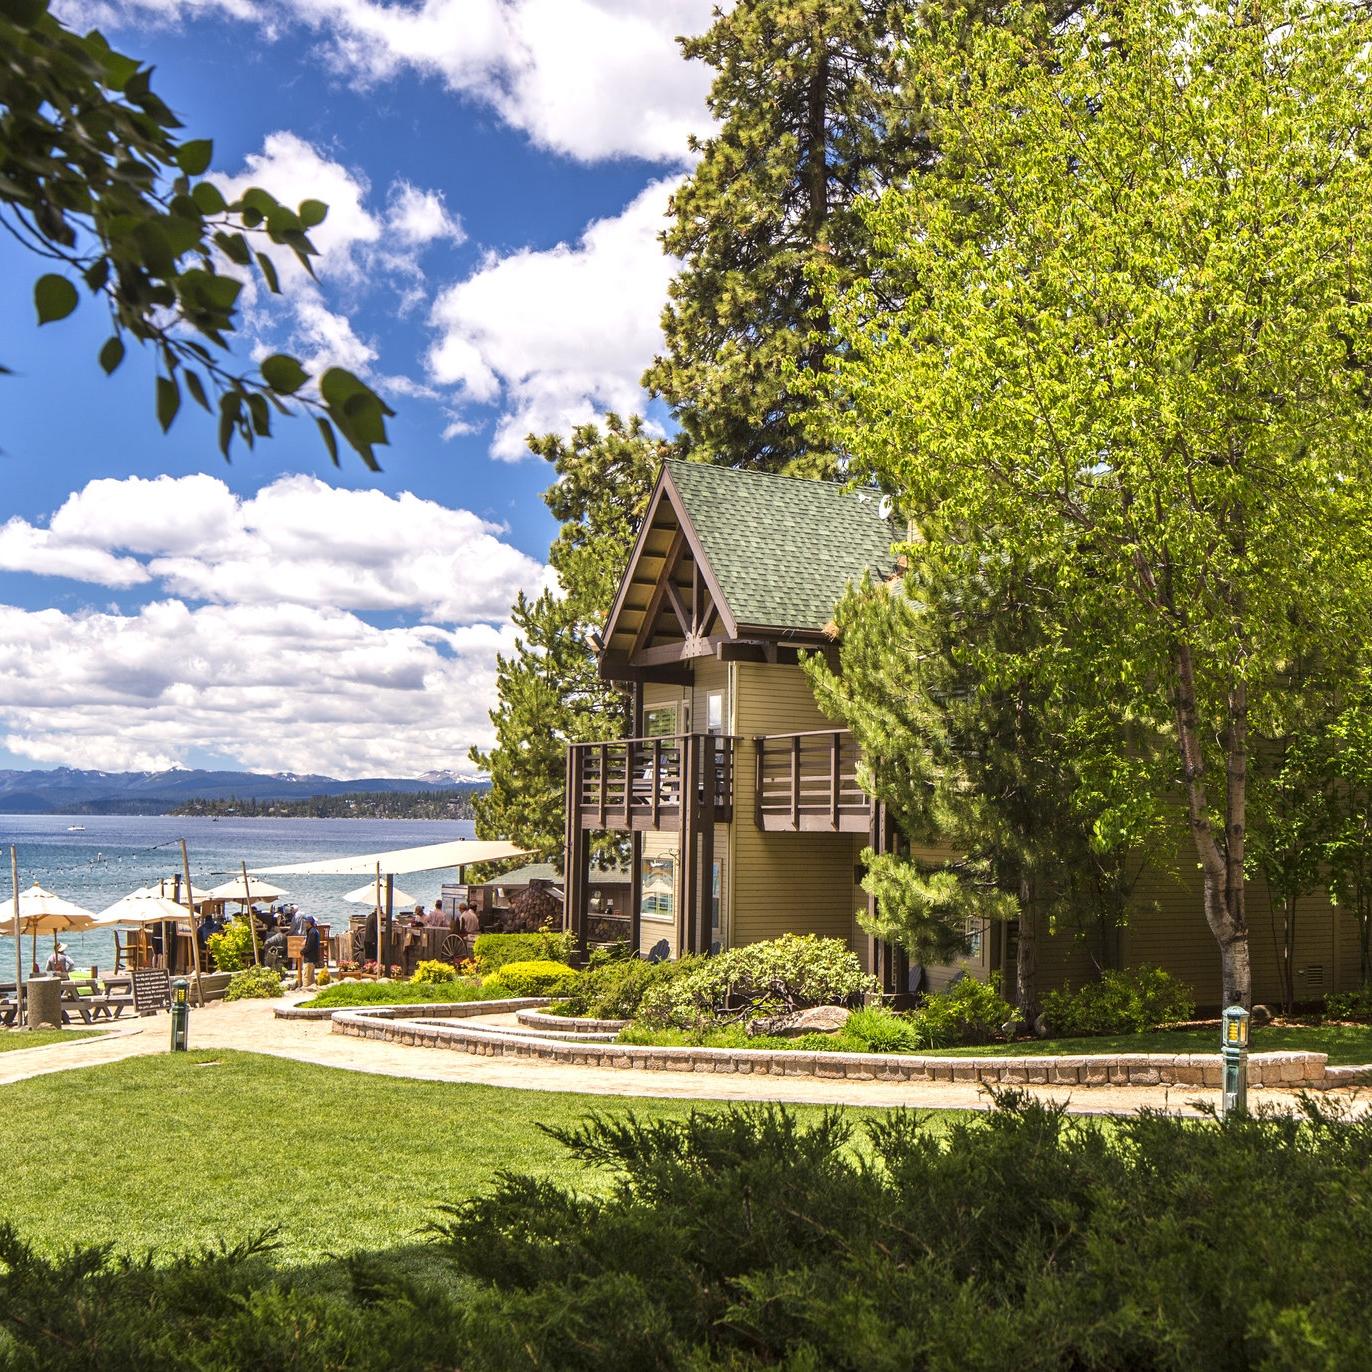 hyatt regency lakeside cottages -